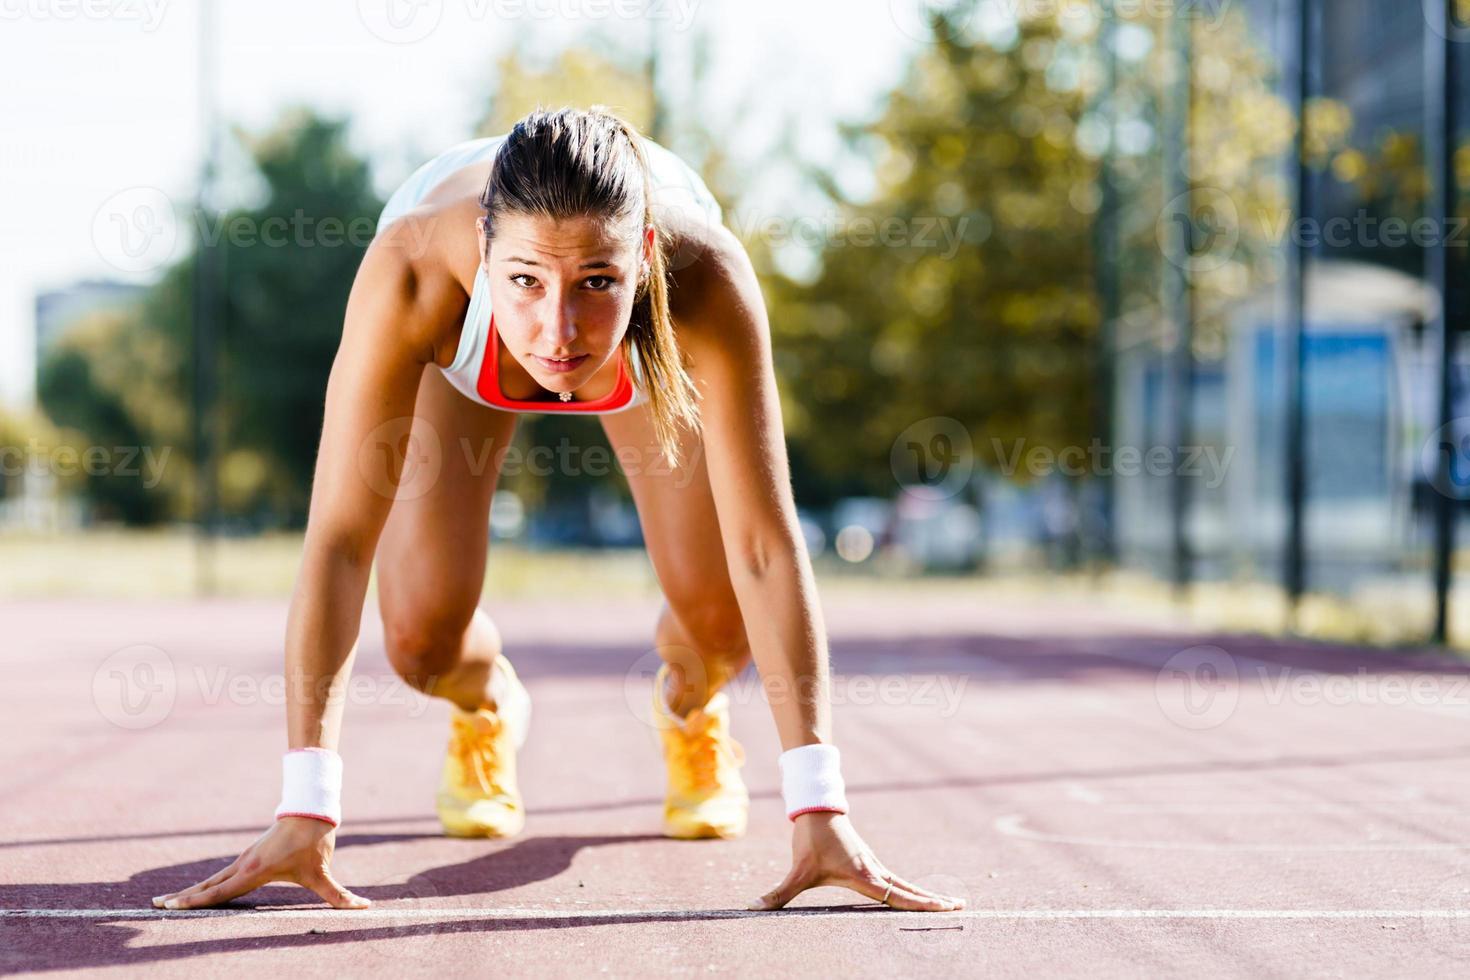 Sprinterin bereitet sich auf den Lauf vor foto